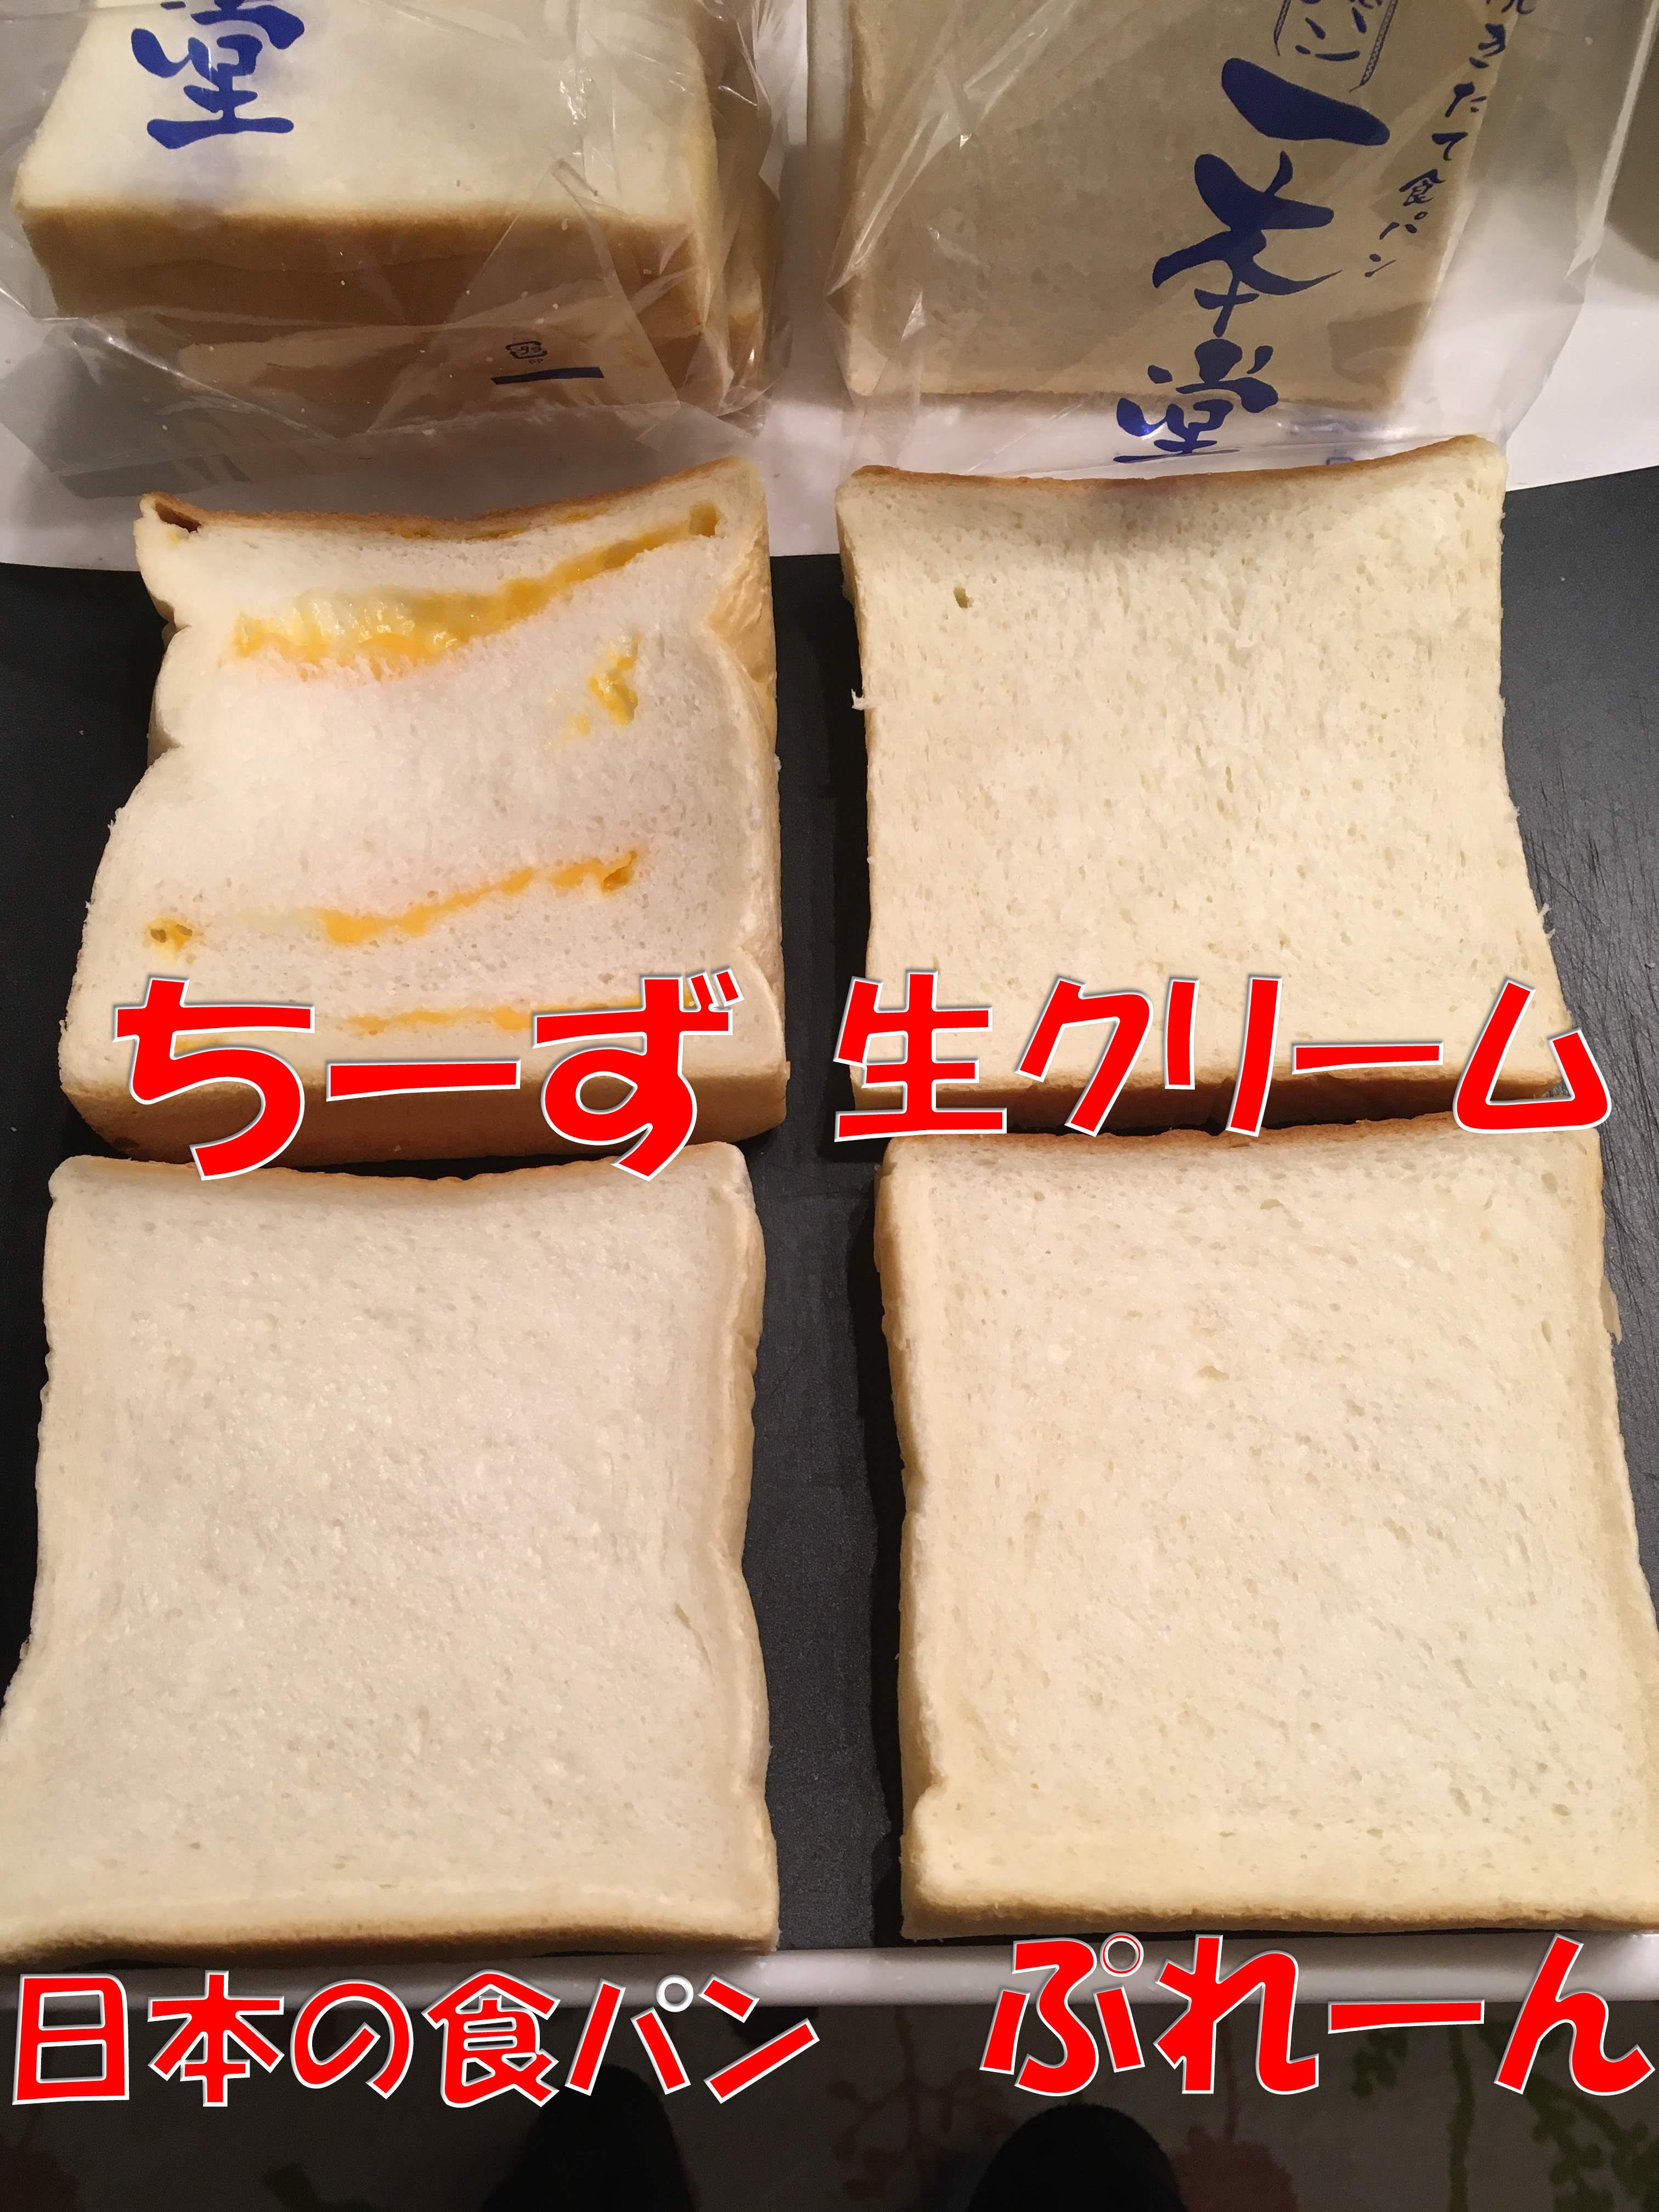 食パン 一 本堂 店舗